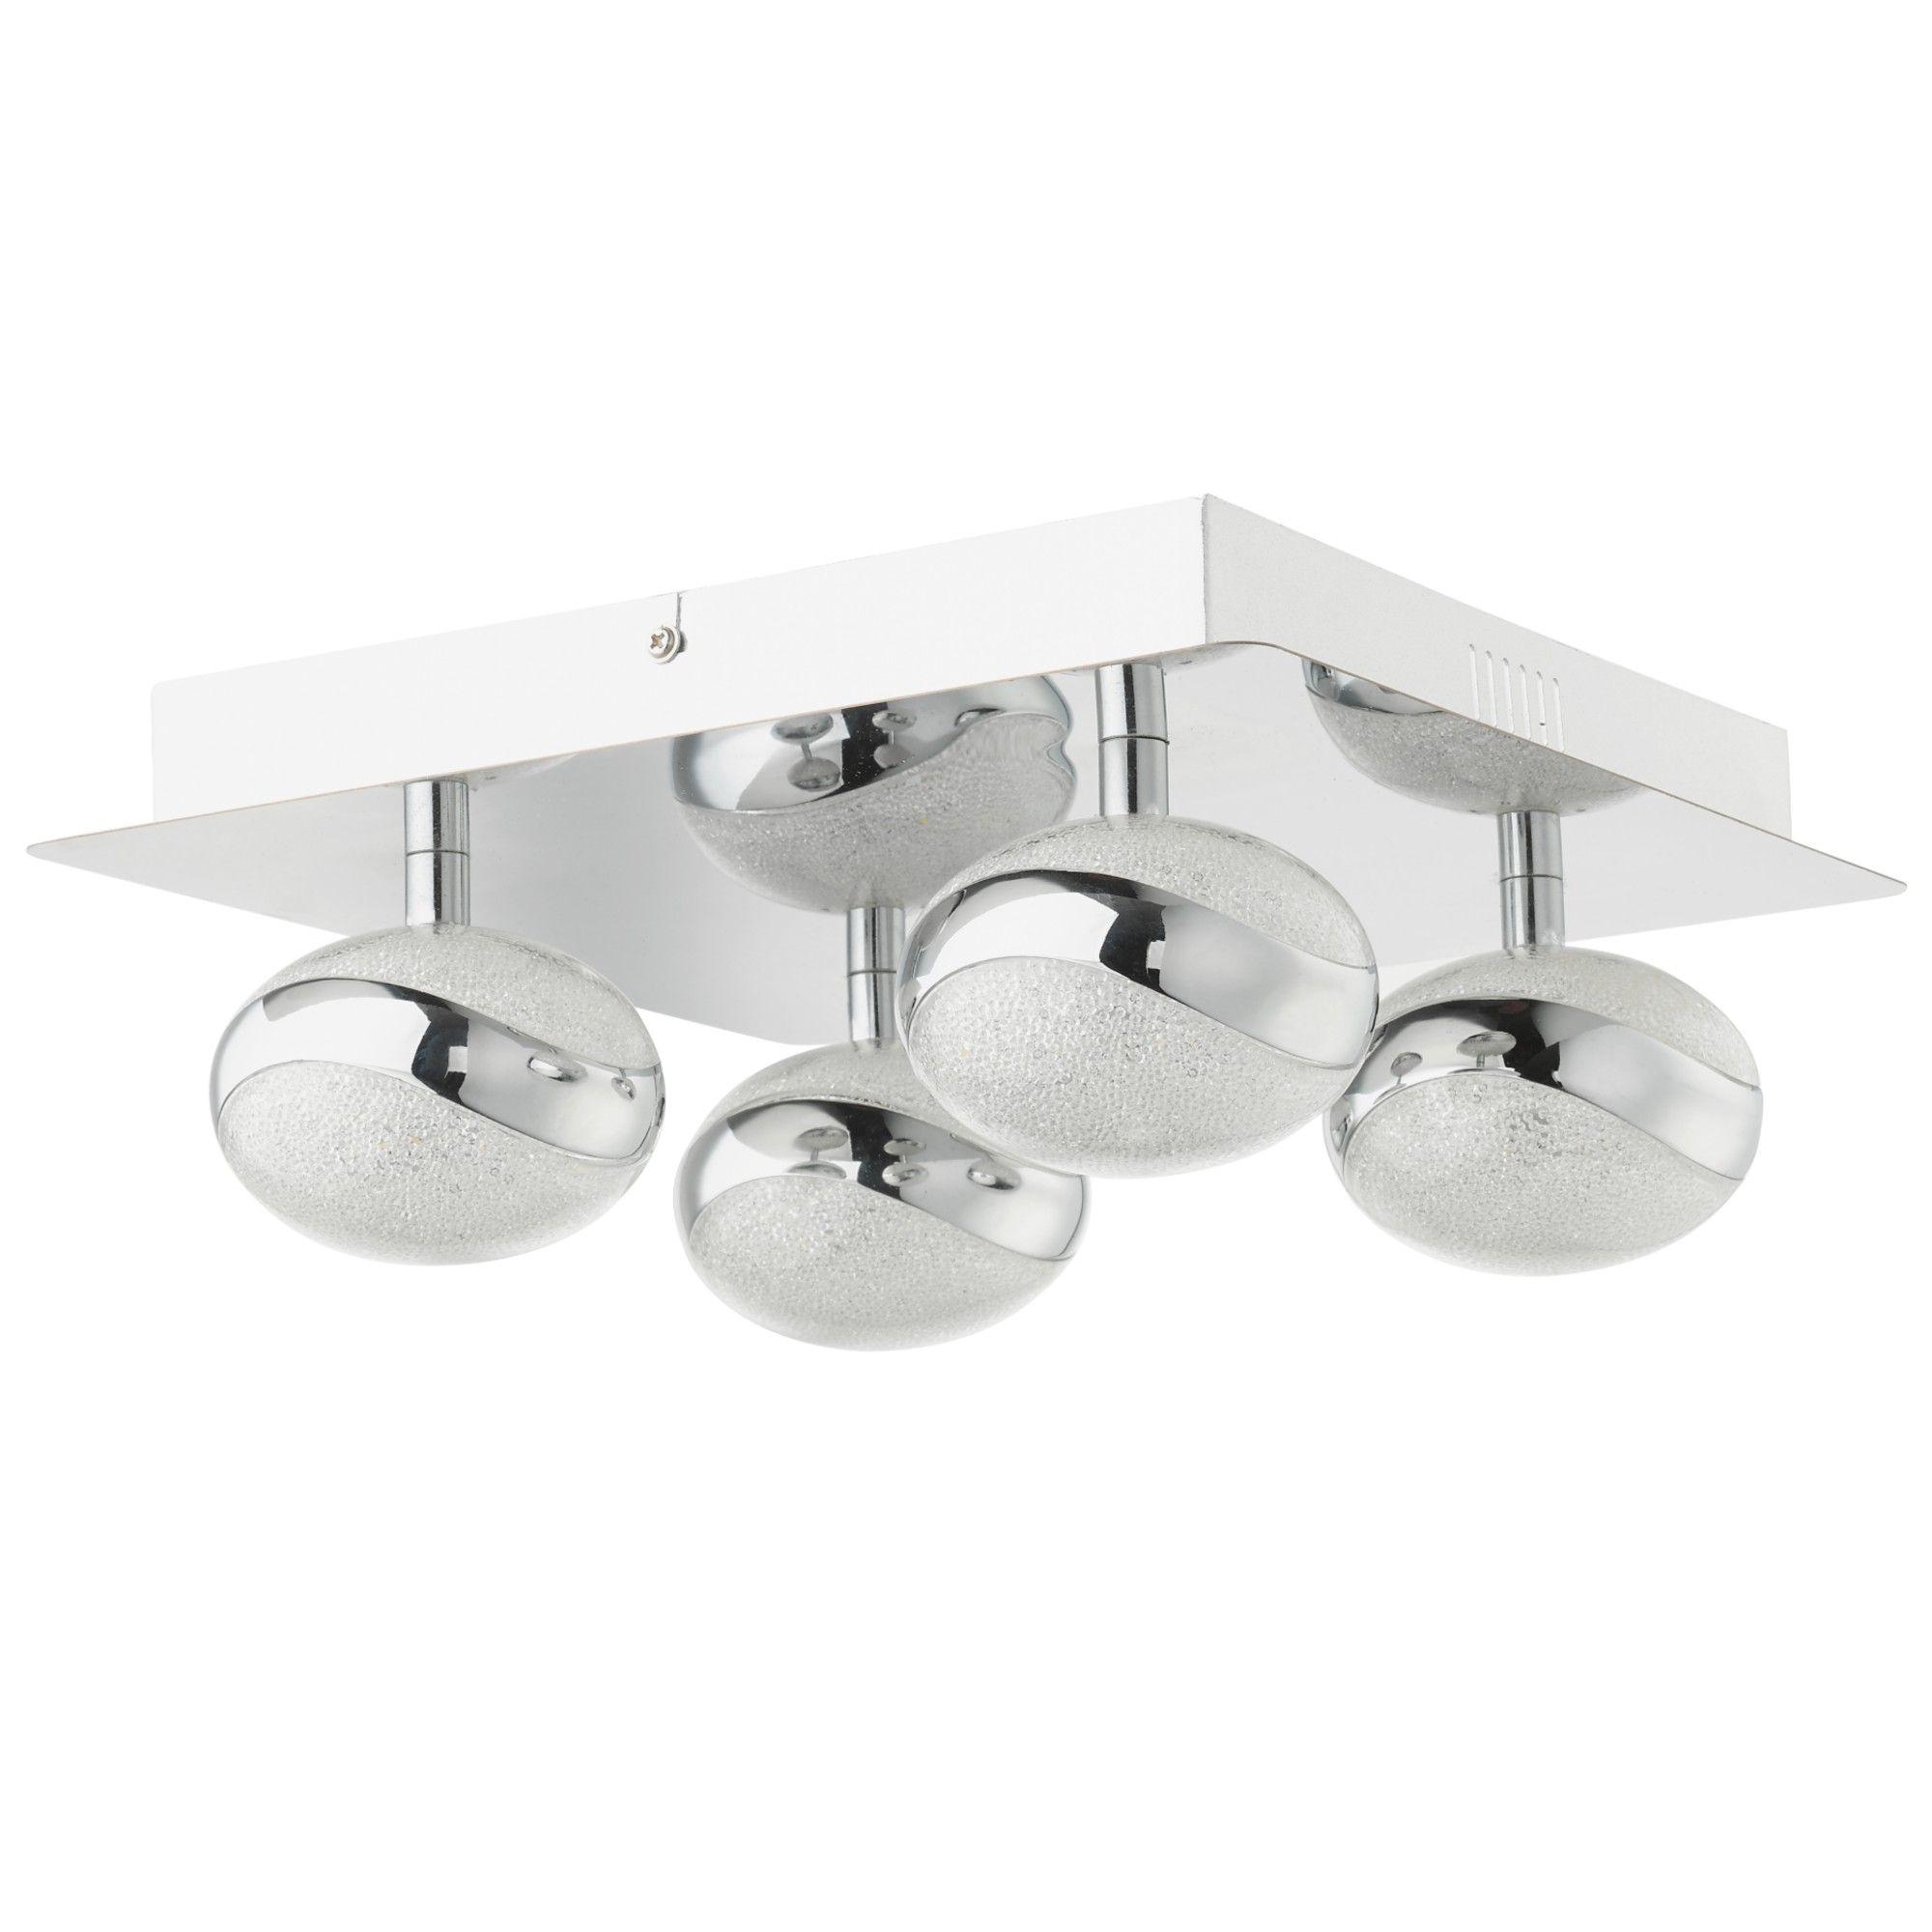 Tarvi Cool White LED 4 Light Polished Chrome Semi Flush Ceiling Light